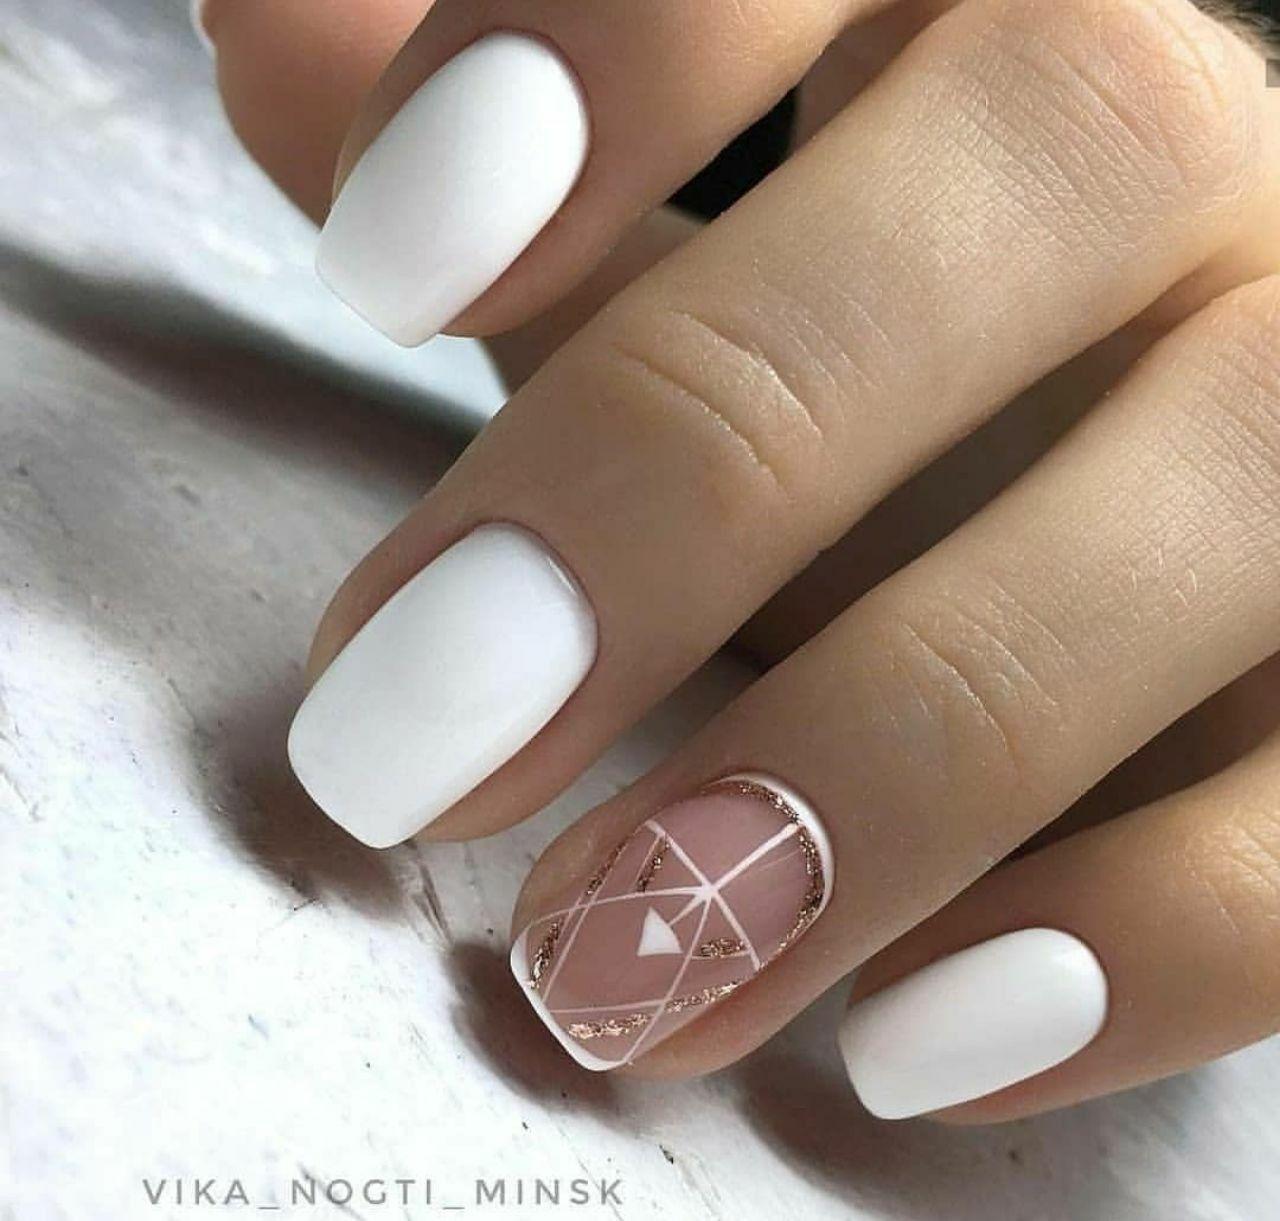 Pin By Belen Pintos On Nails Bridal Nails Designs Toe Nails Beautiful Nails